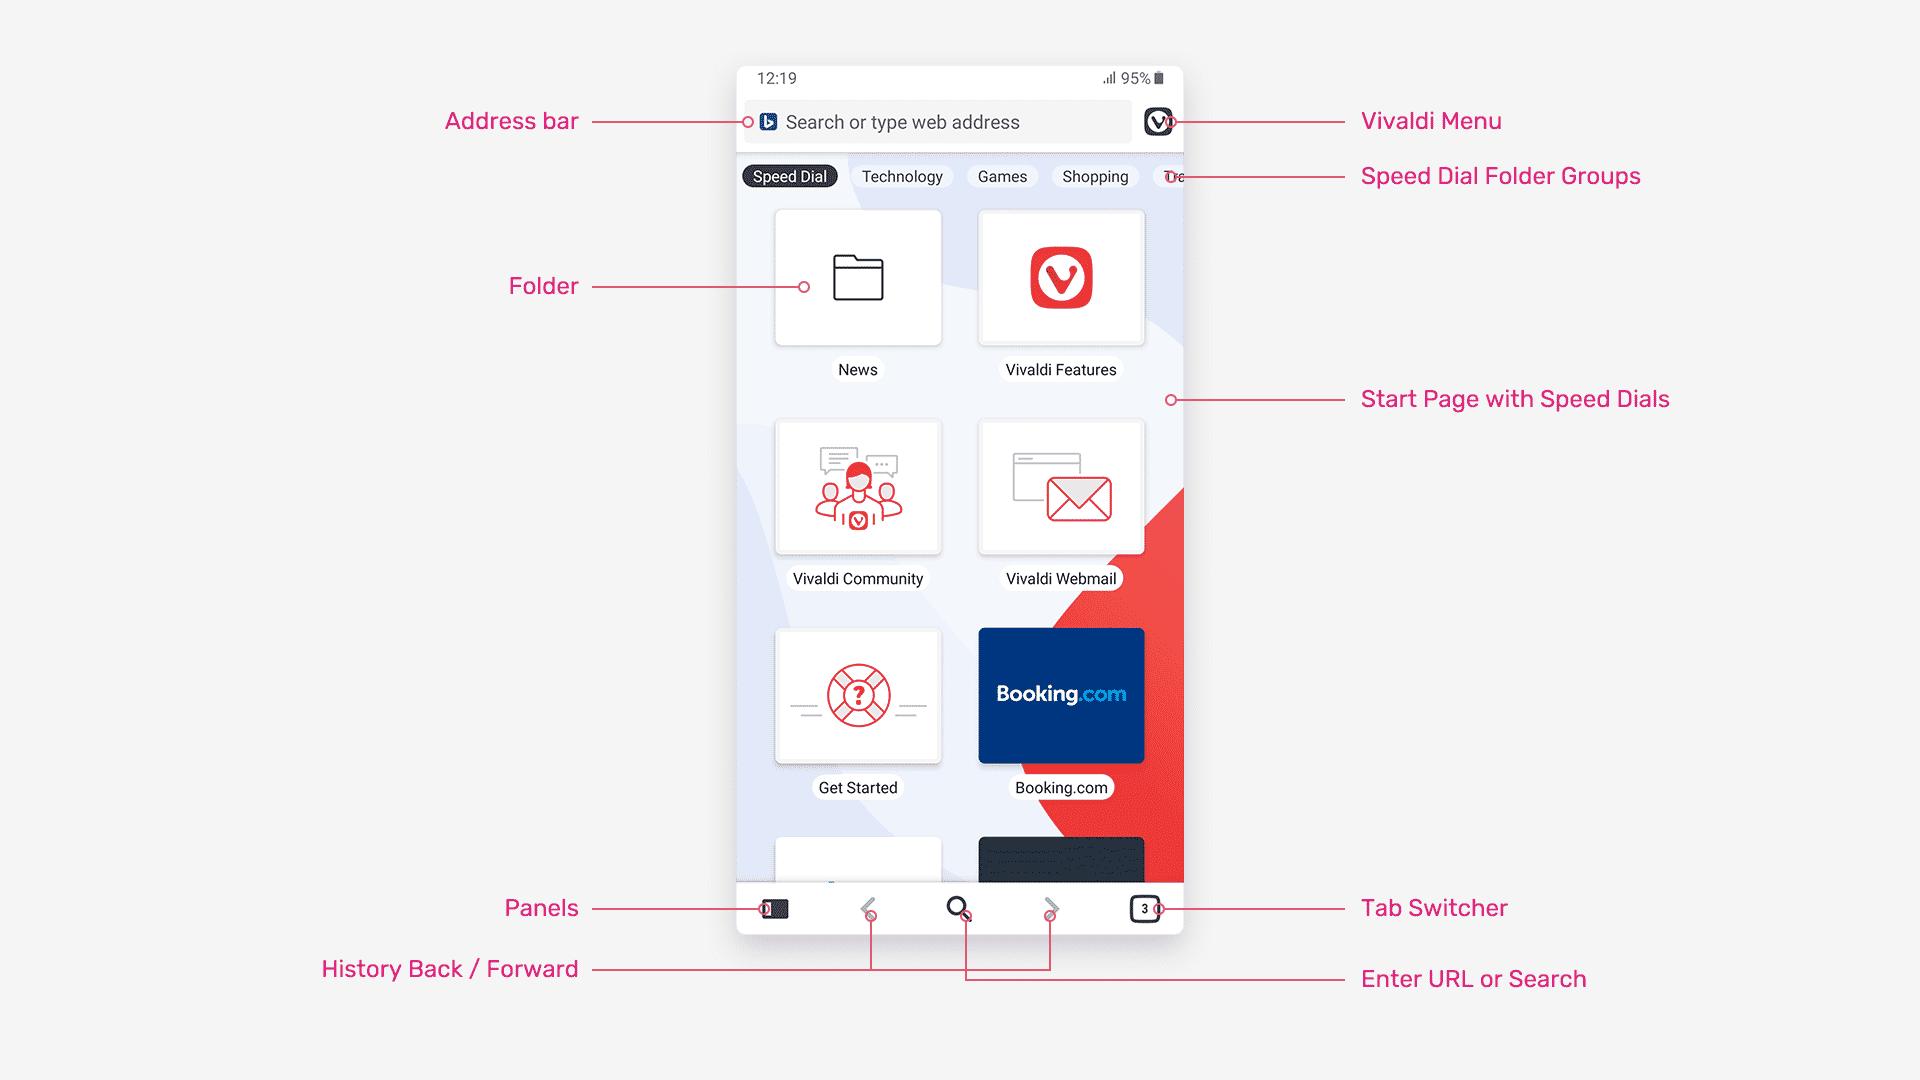 Oberfläche von Vivaldi für Android mit Erklärung der Funktionen.